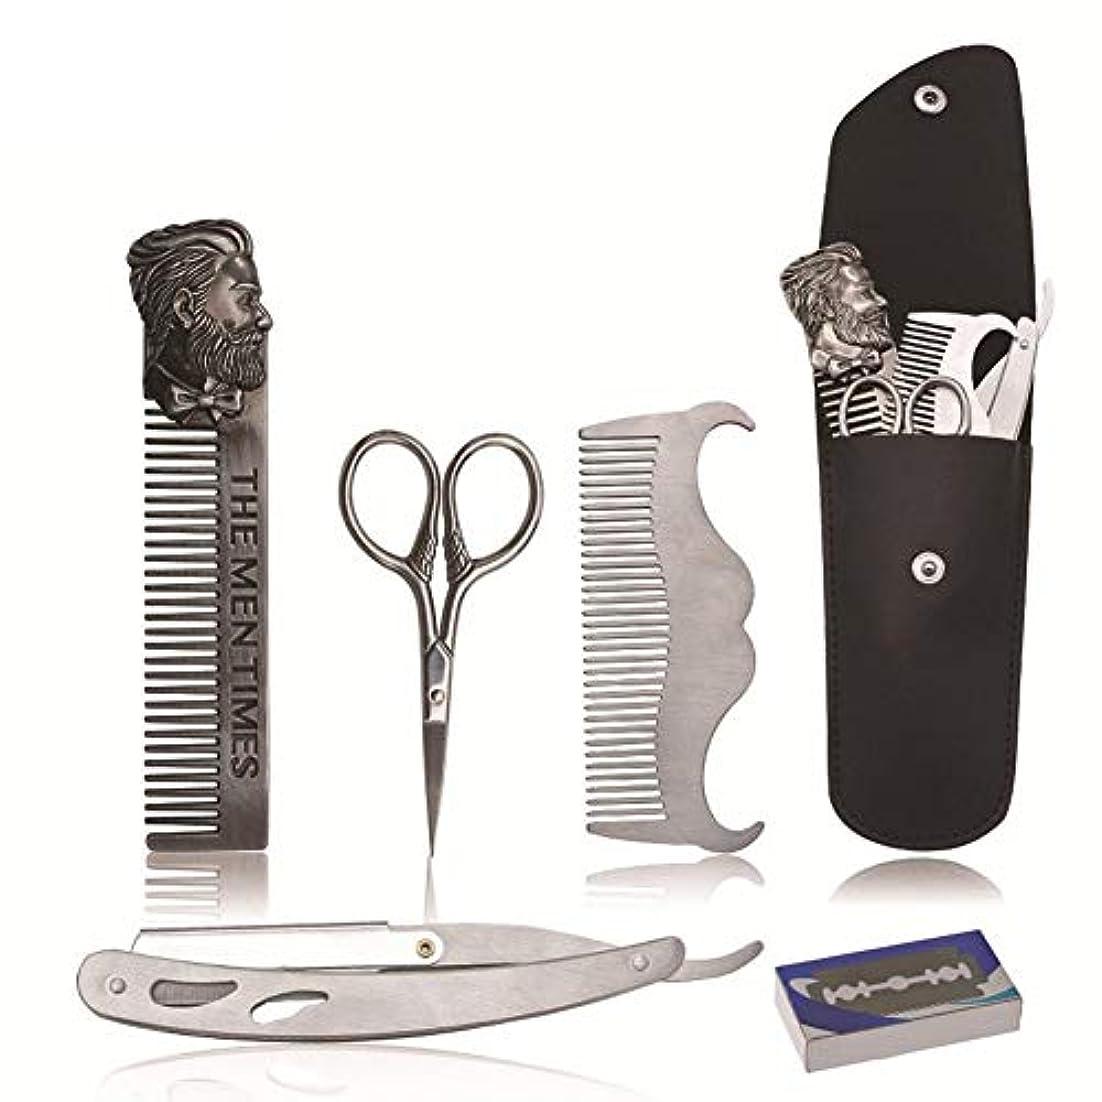 ロッドコミット脅かす5ピースは、男性Barttrimmsetのひげについてバートケアセットを設定すると、ひげの櫛ステンレス鋼、バートステンシルトリムスタイリングツール、ひげコムBartpflegesetを剃ります